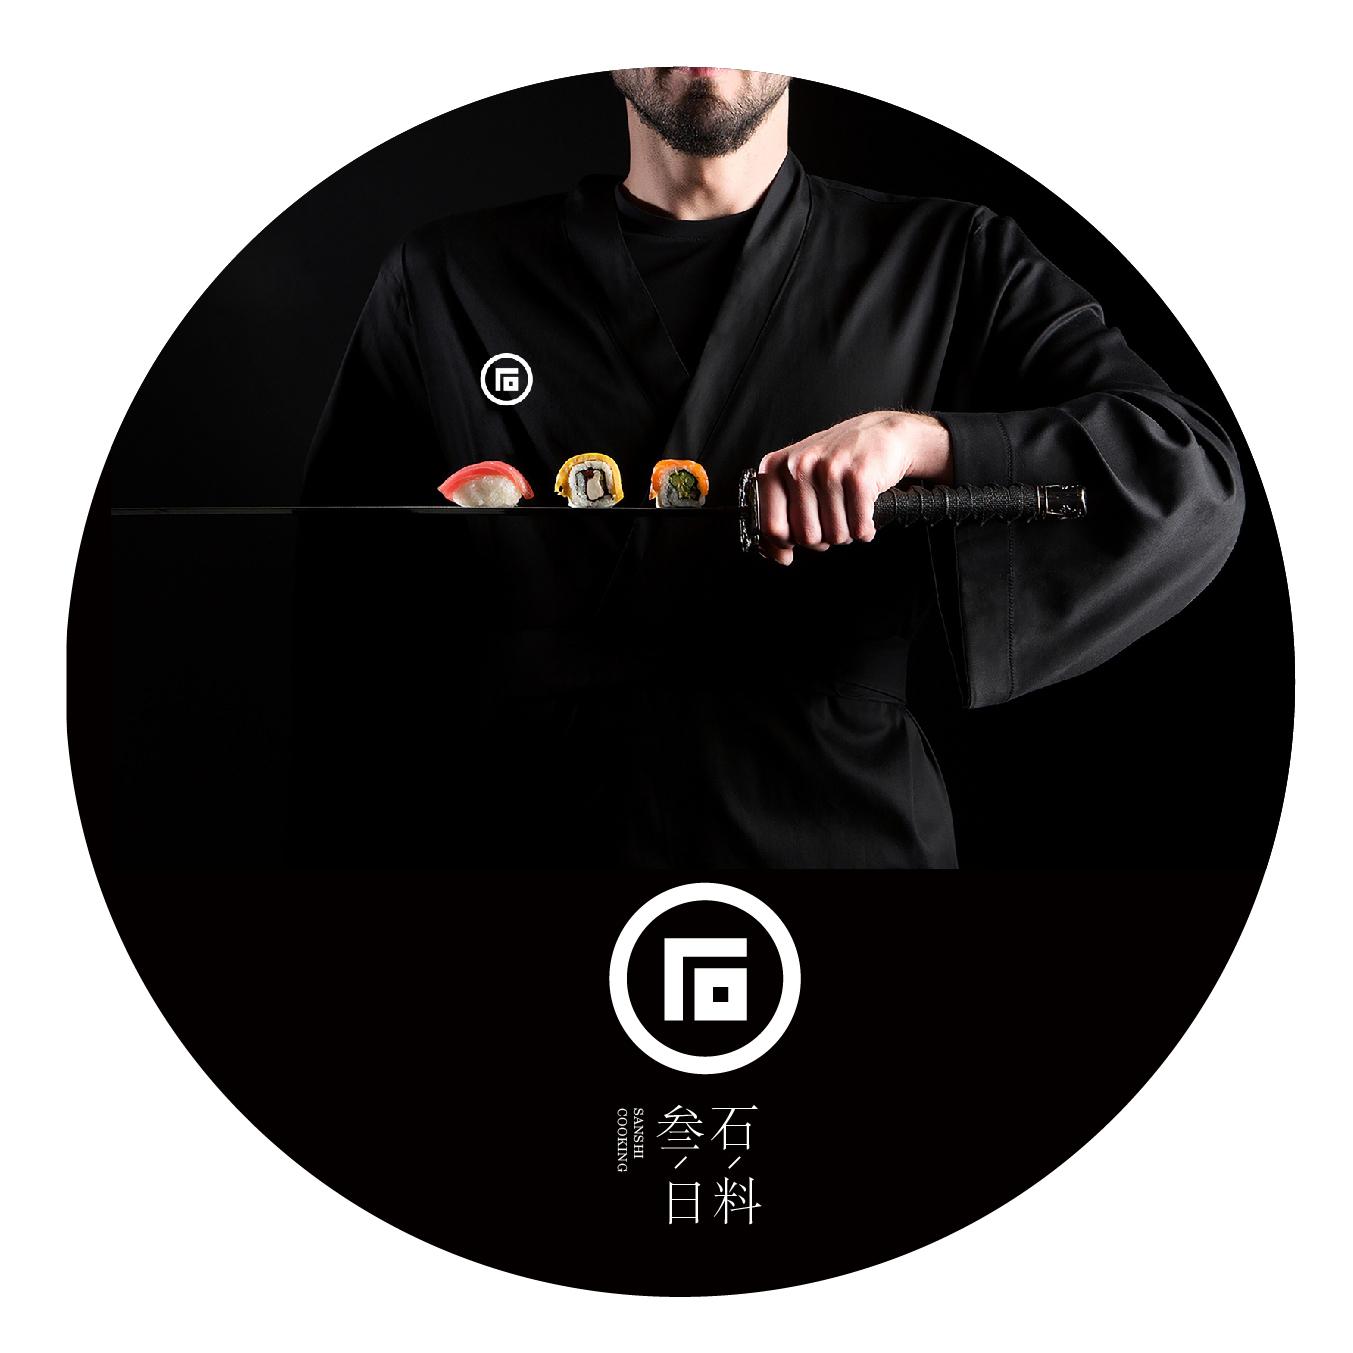 柳州市鱼峰区叁石餐饮店招聘:公司标志 logo